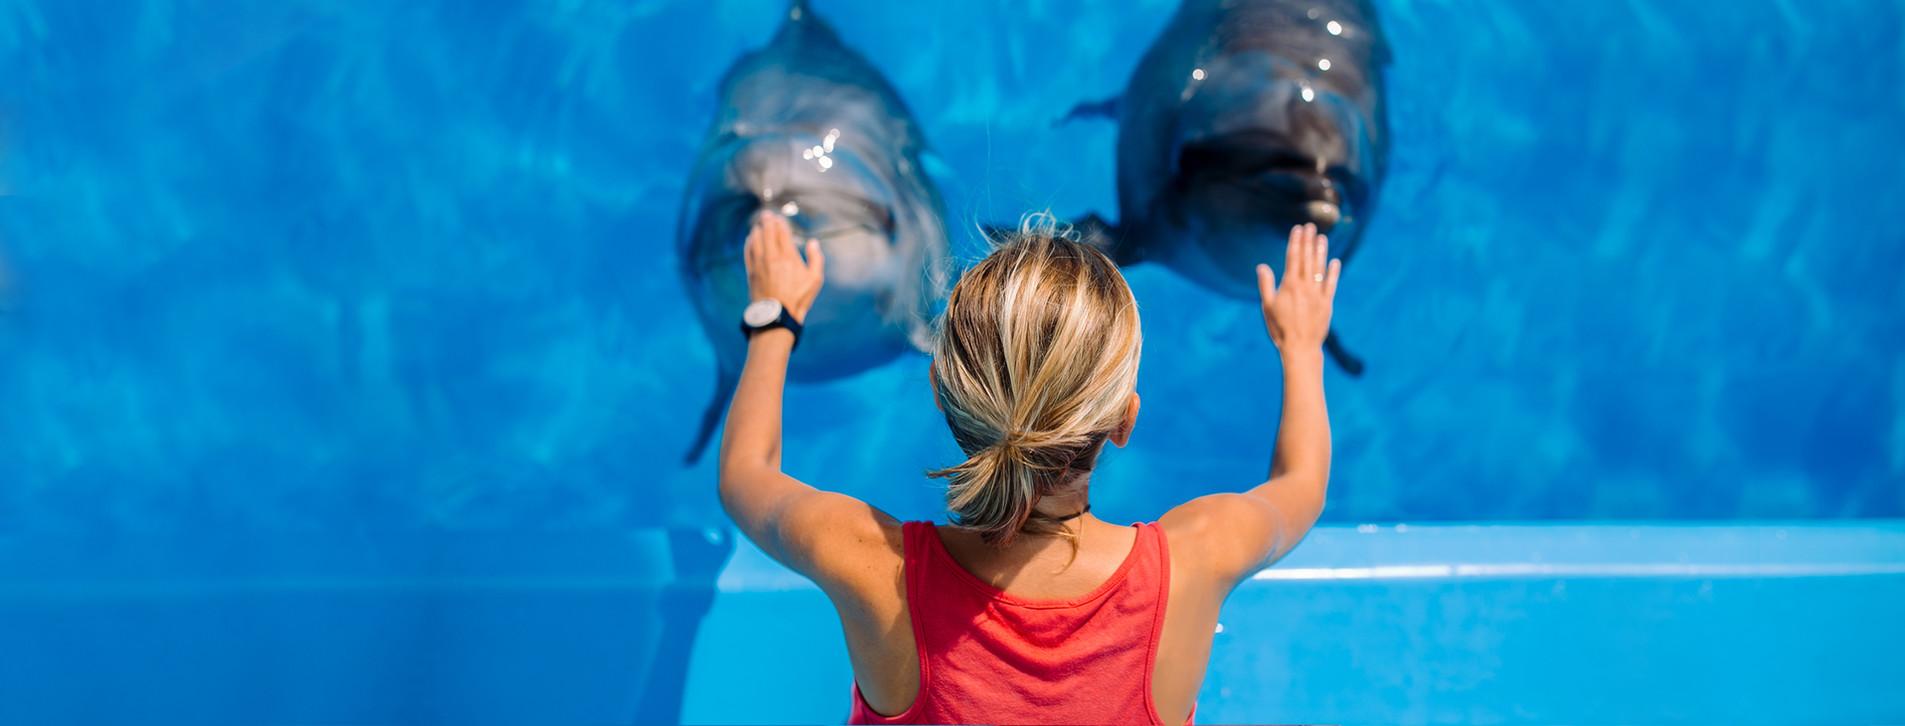 Фото 1 - Знакомство с дельфинами для двоих